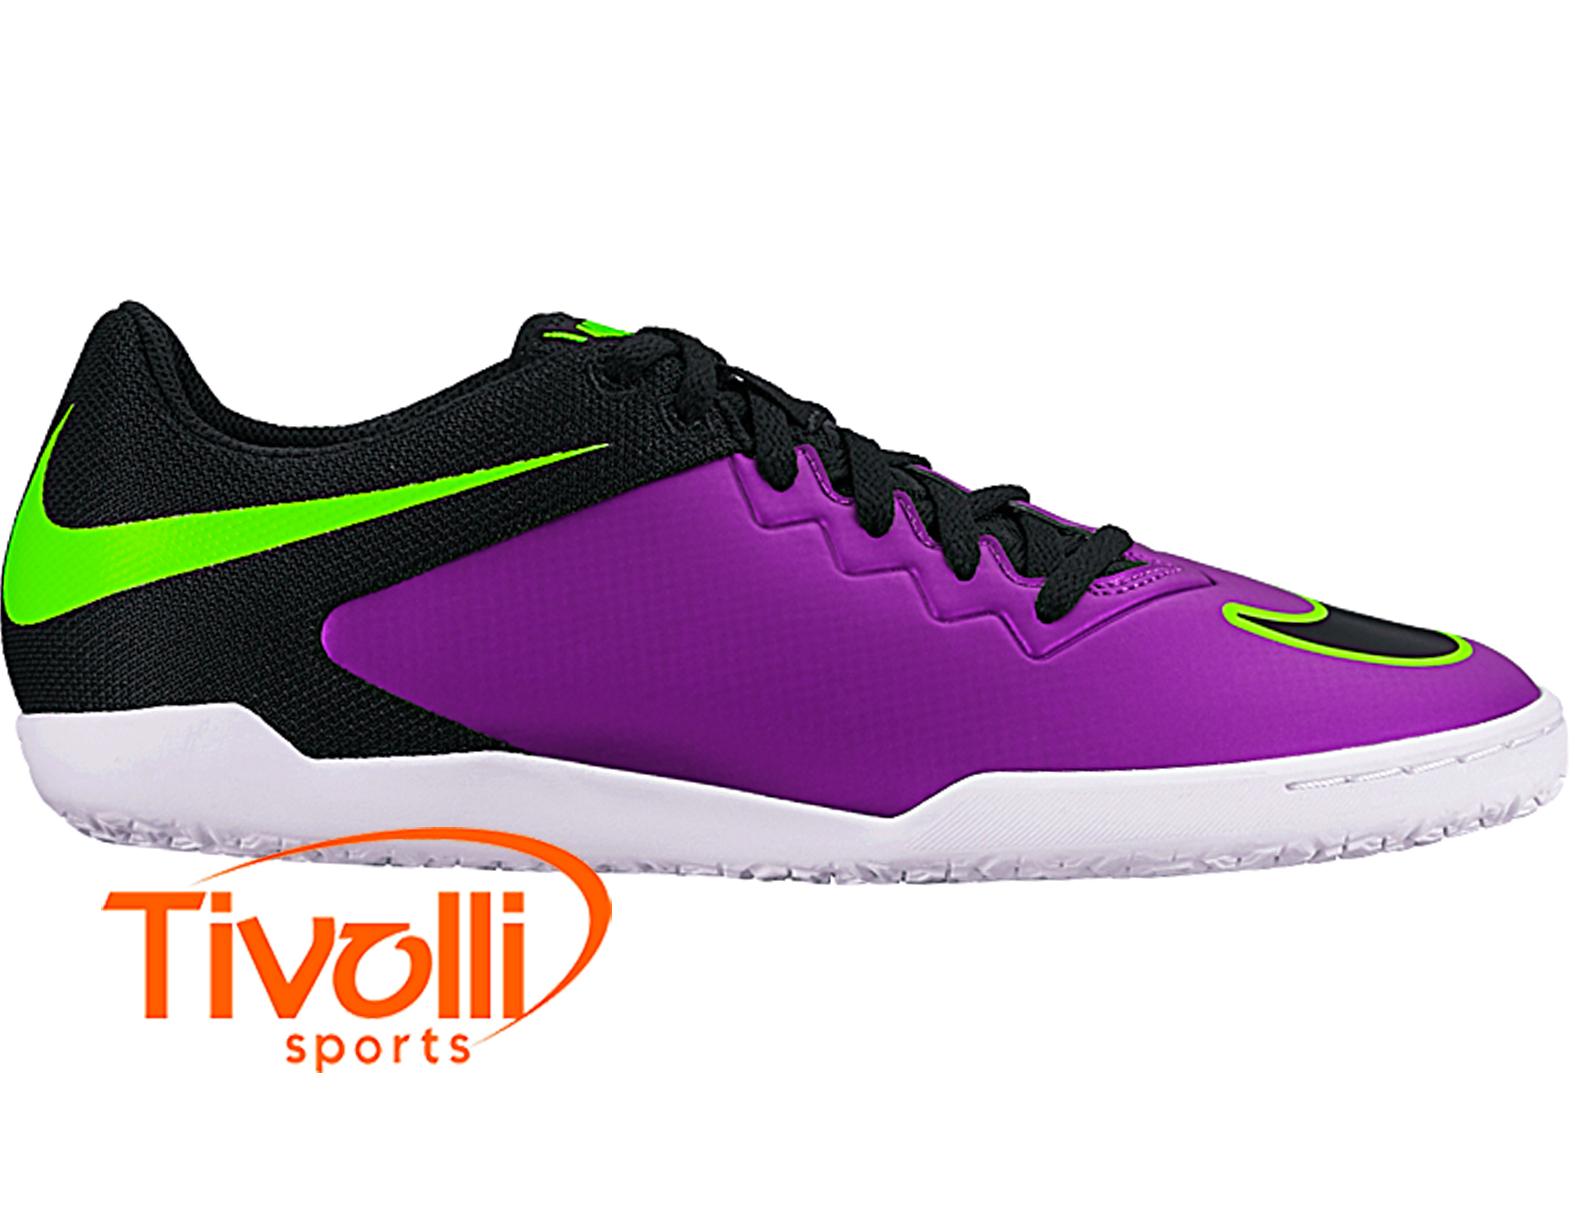 8b339d2b14 Chuteira Nike Hypervenom X Pro II IC futsal   - Mega Saldão